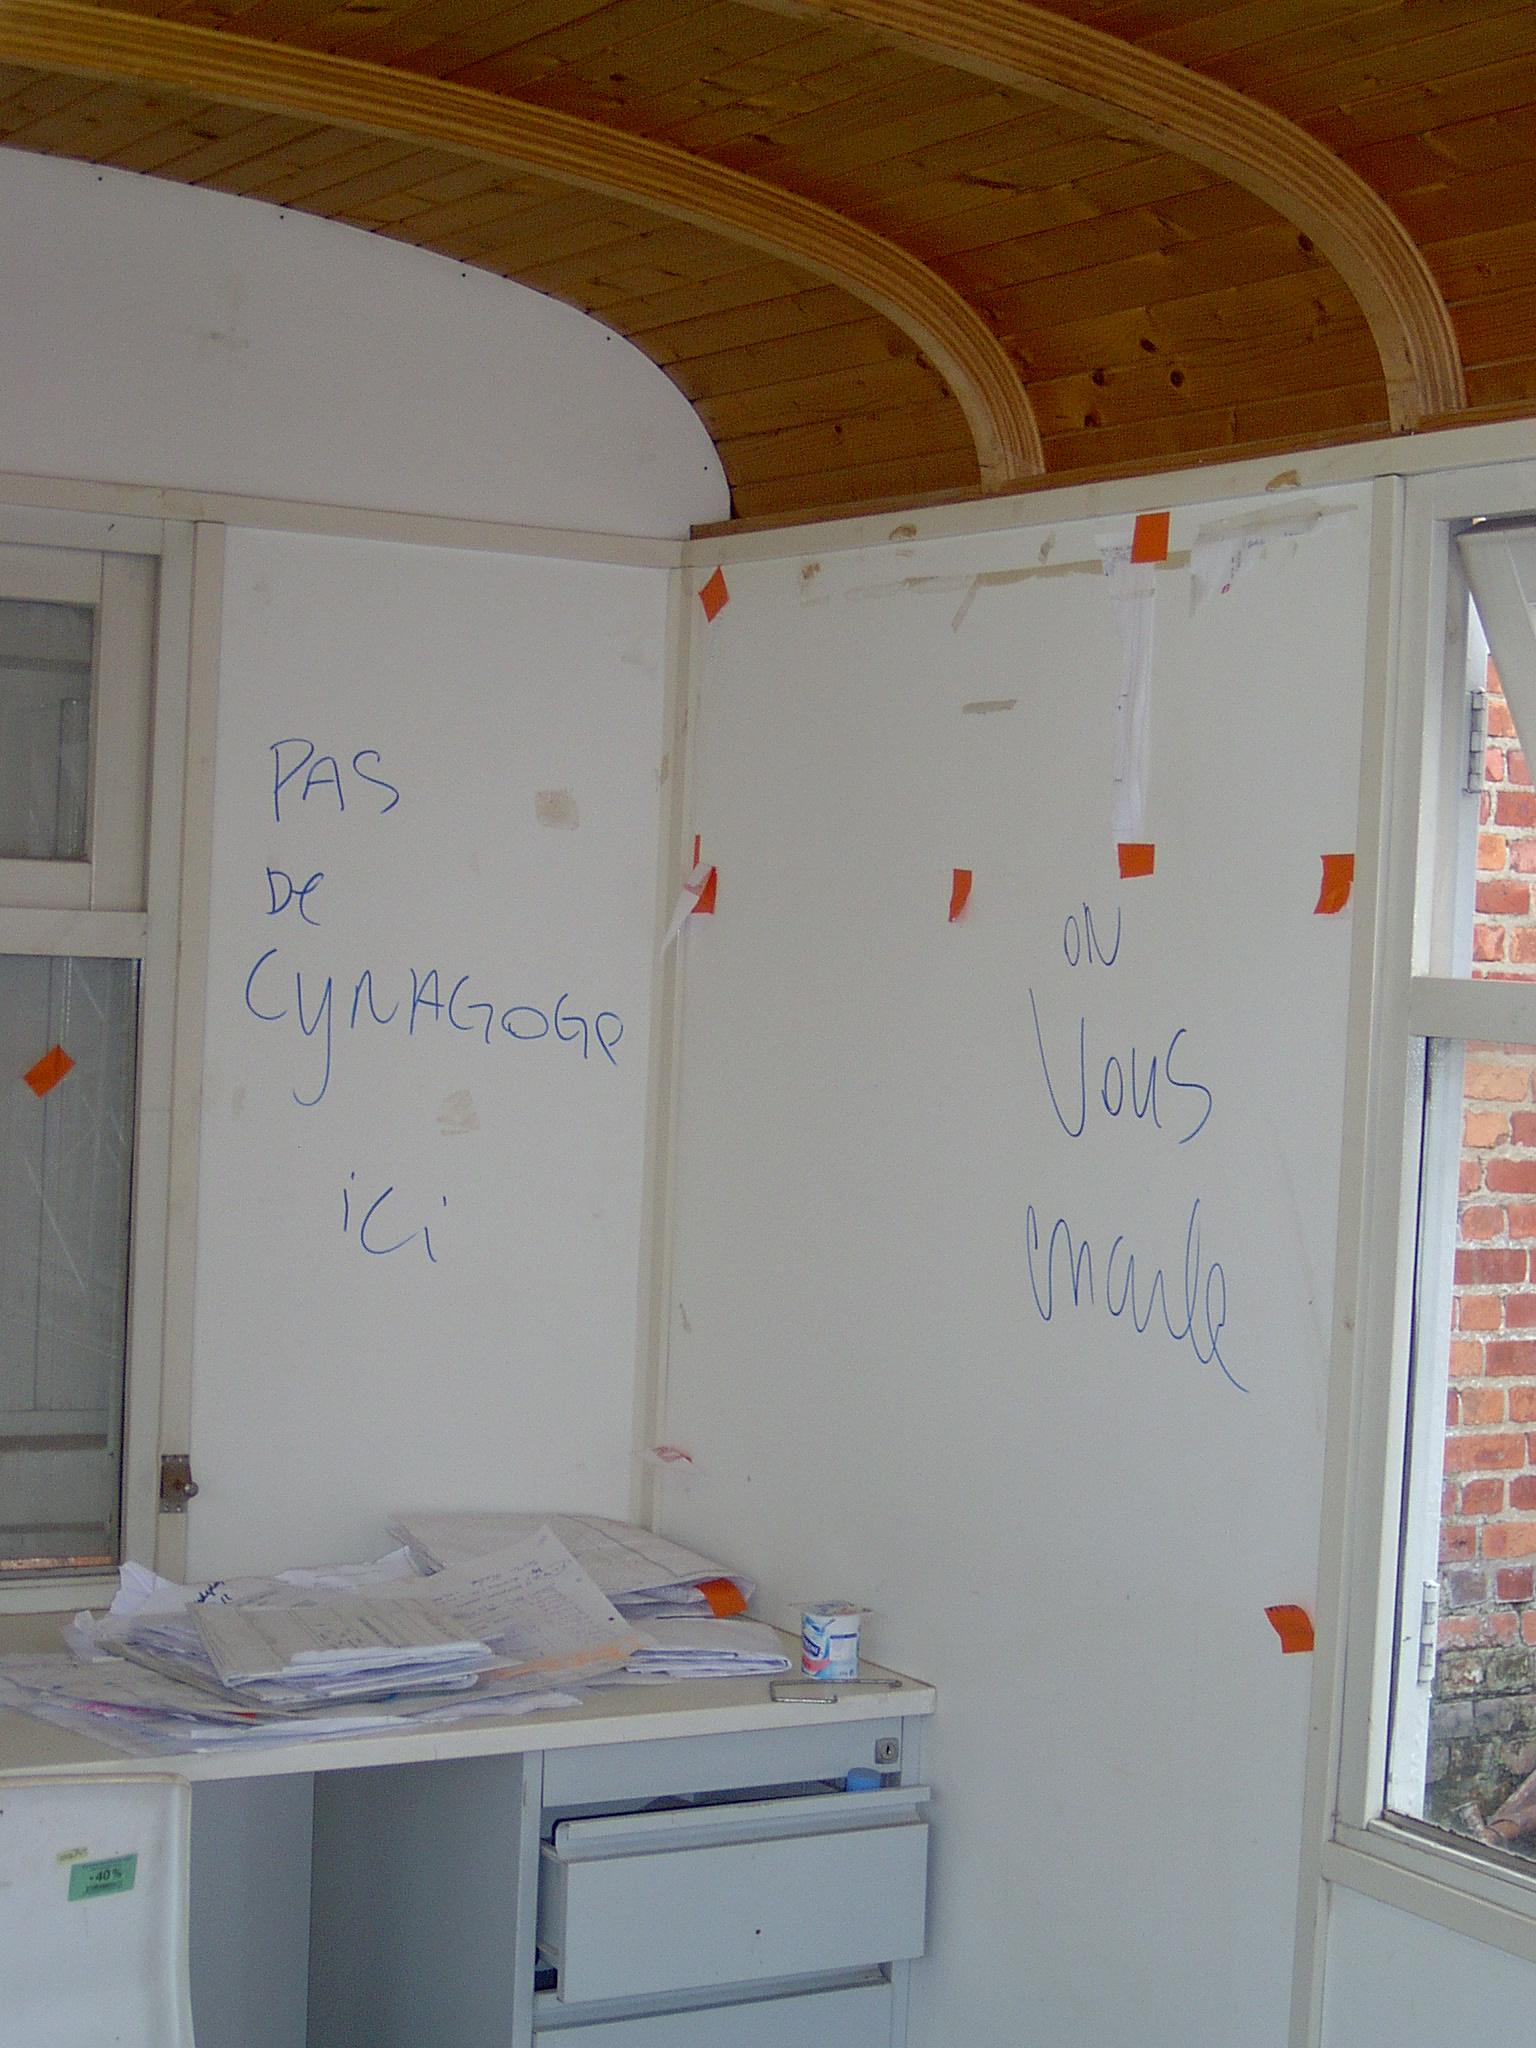 Vandalisme sur le chantier d'une synagogue à Bruxelles